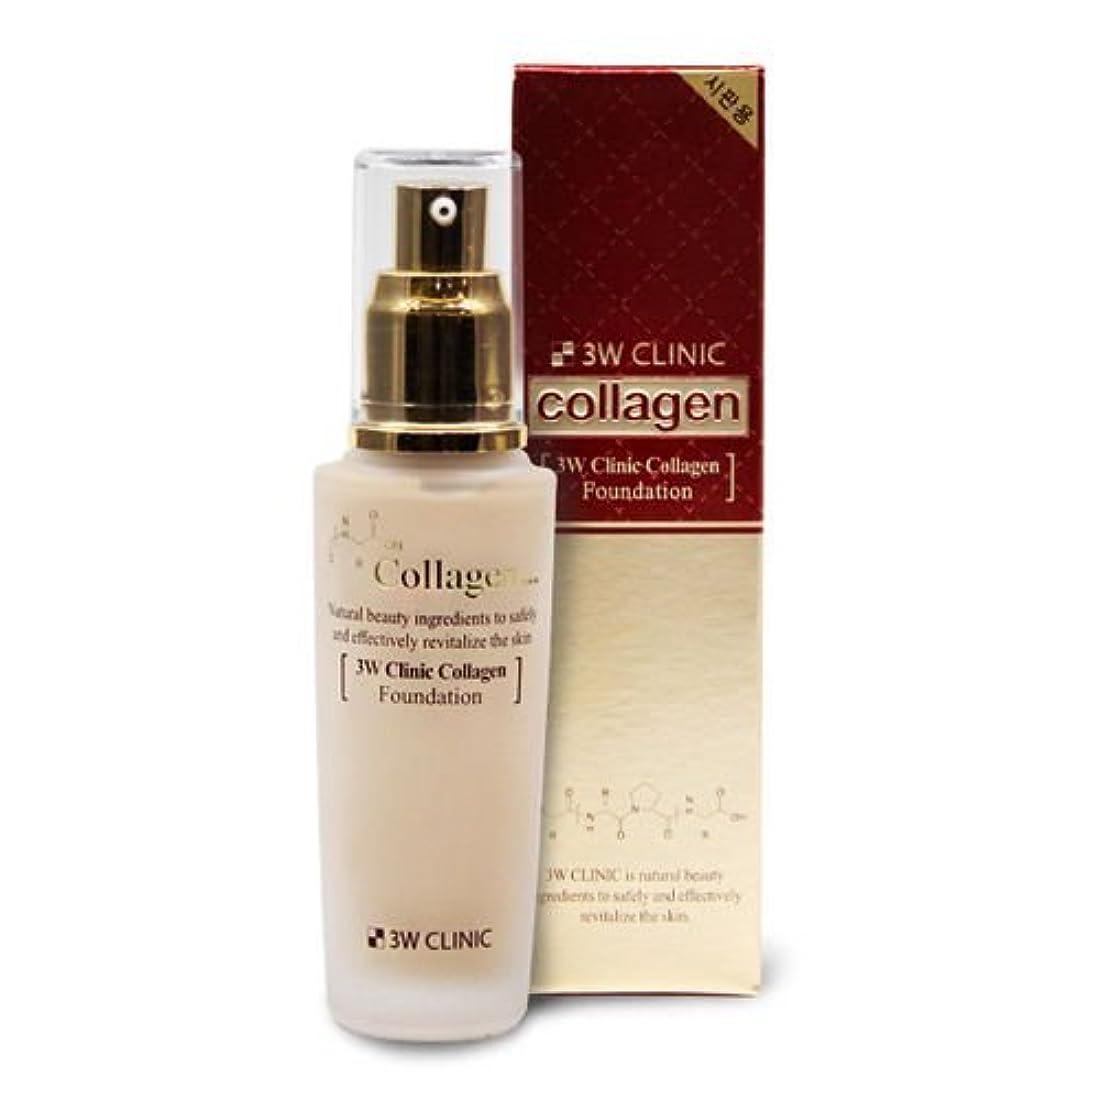 居住者指定感覚3Wクリニック[韓国コスメ3w Clinic]Collagen Foundation Perfect Cover Make-Up Base コラーゲンファンデーションパーフェクトカバーメイクアップベース50ml[並行輸入品...